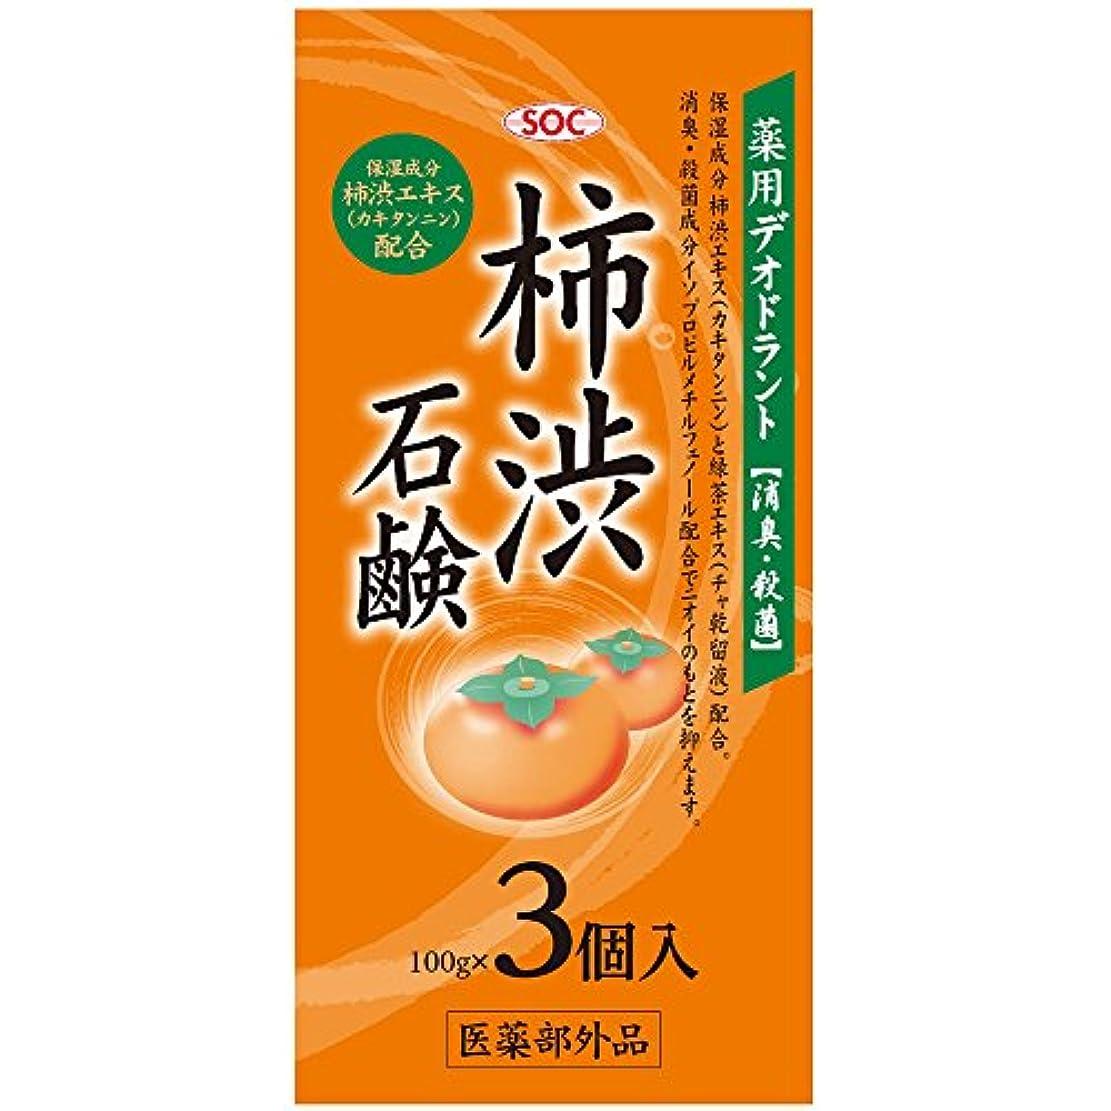 非常に確率着るSOC 薬用柿渋石鹸 3P (100g×3)